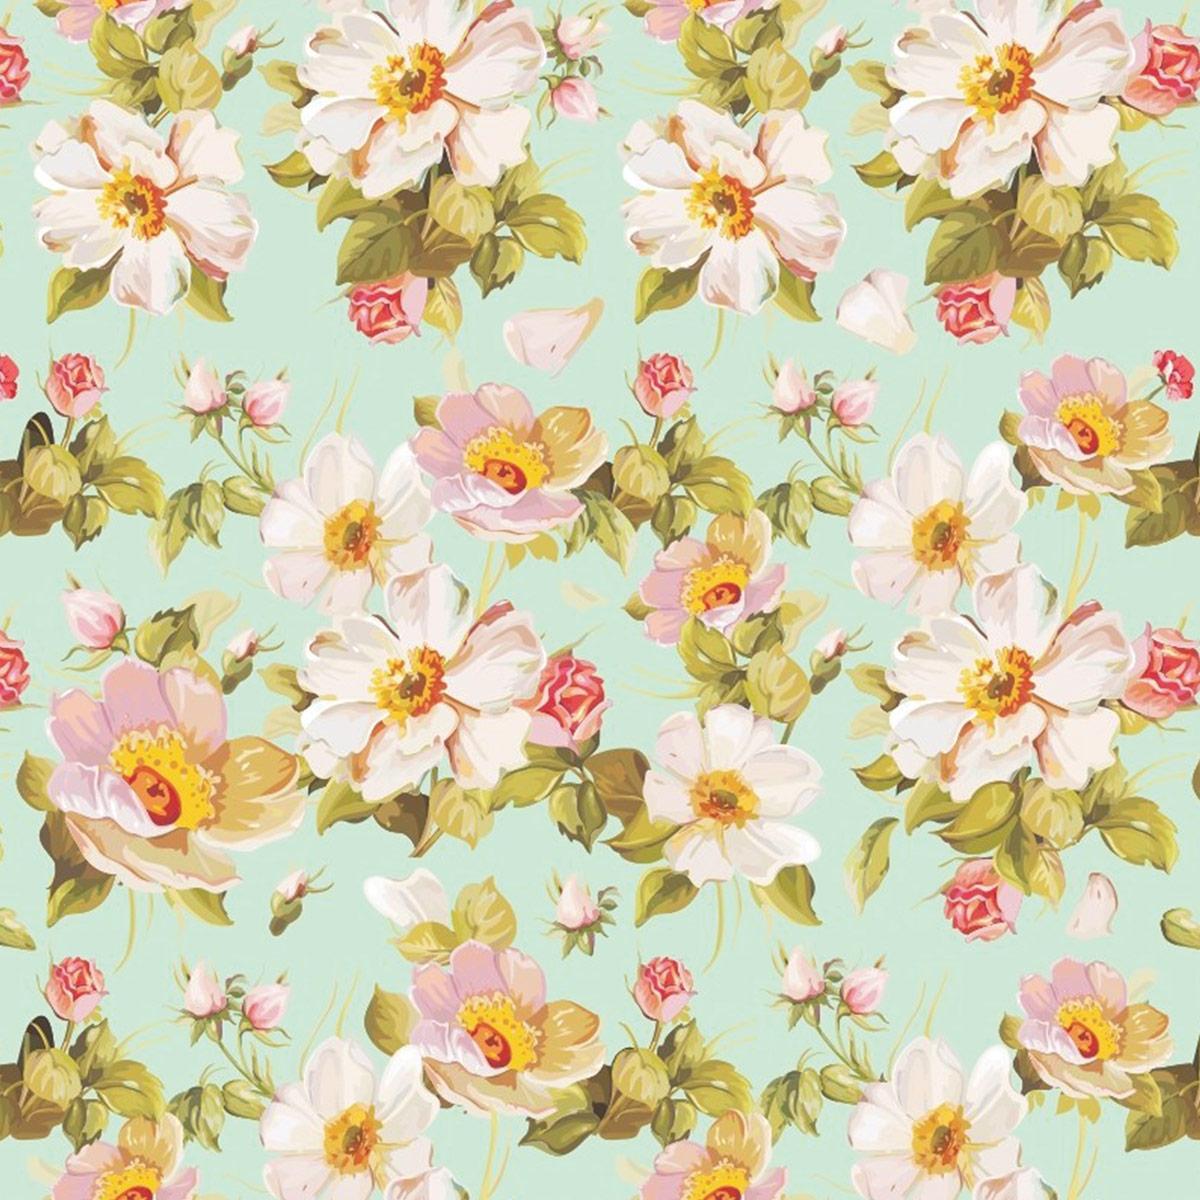 Papel de Parede Floral Flores Pintadas Brancas e Rosas